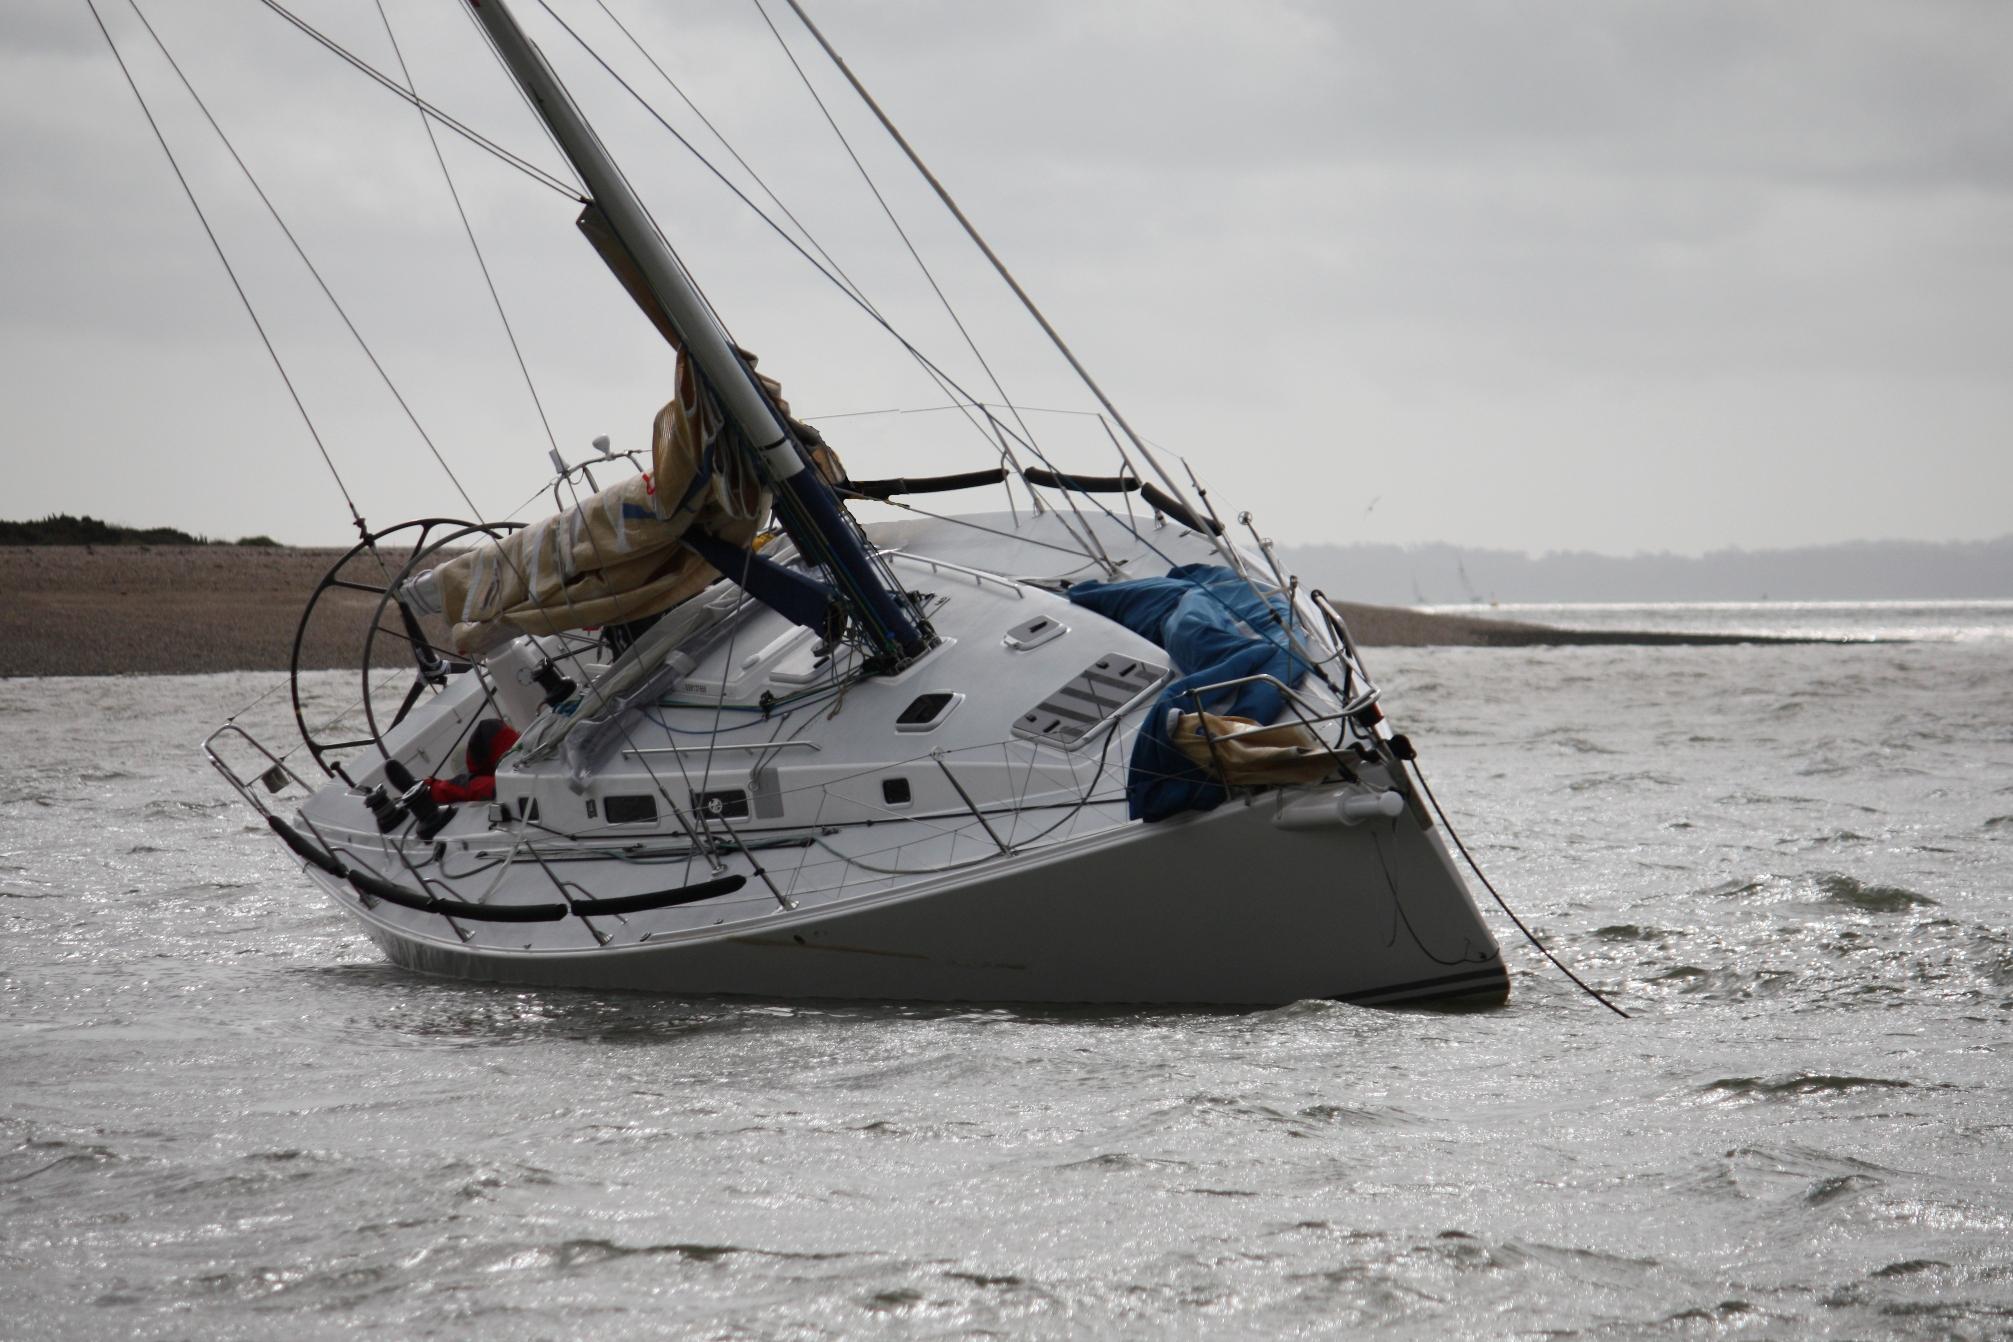 Søsportens Sikkerhedsråd og TrygFonden giver dig tips til en sikker sejlads.